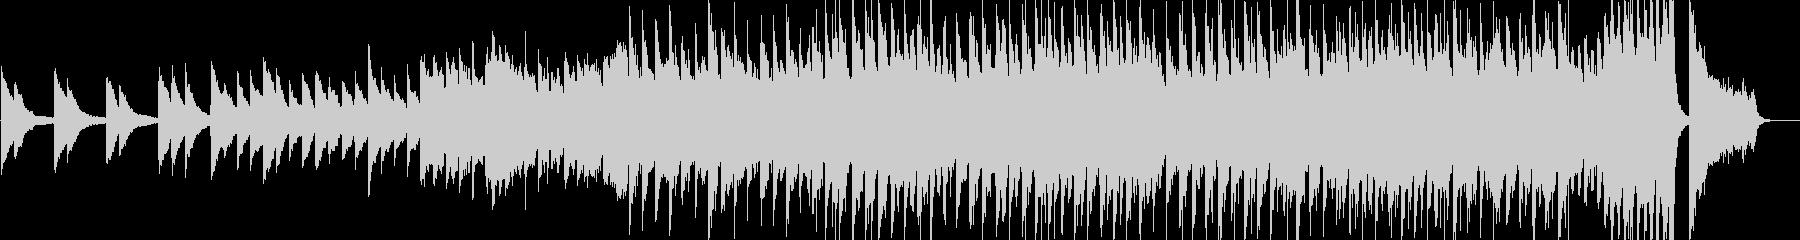 感動的・達成感・ピアノ・映像・イベント用の未再生の波形